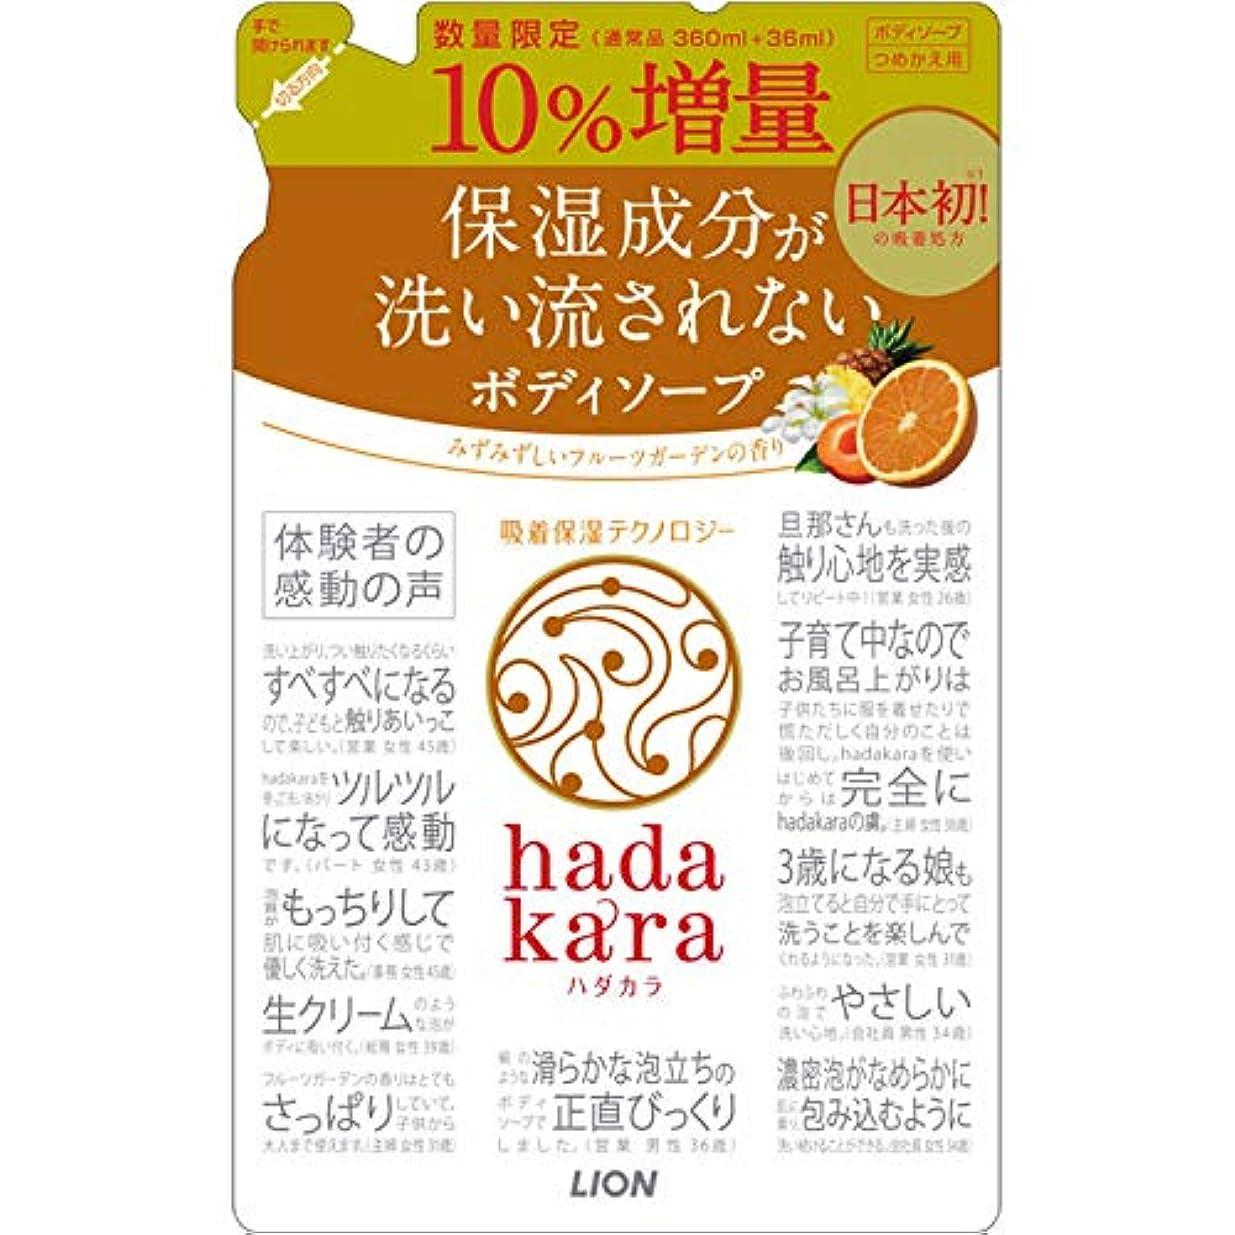 欲望急ぐみ【数量限定】hadakara(ハダカラ) ボディソープ フルーツガーデンの香り つめかえ用 10%増量 396ml